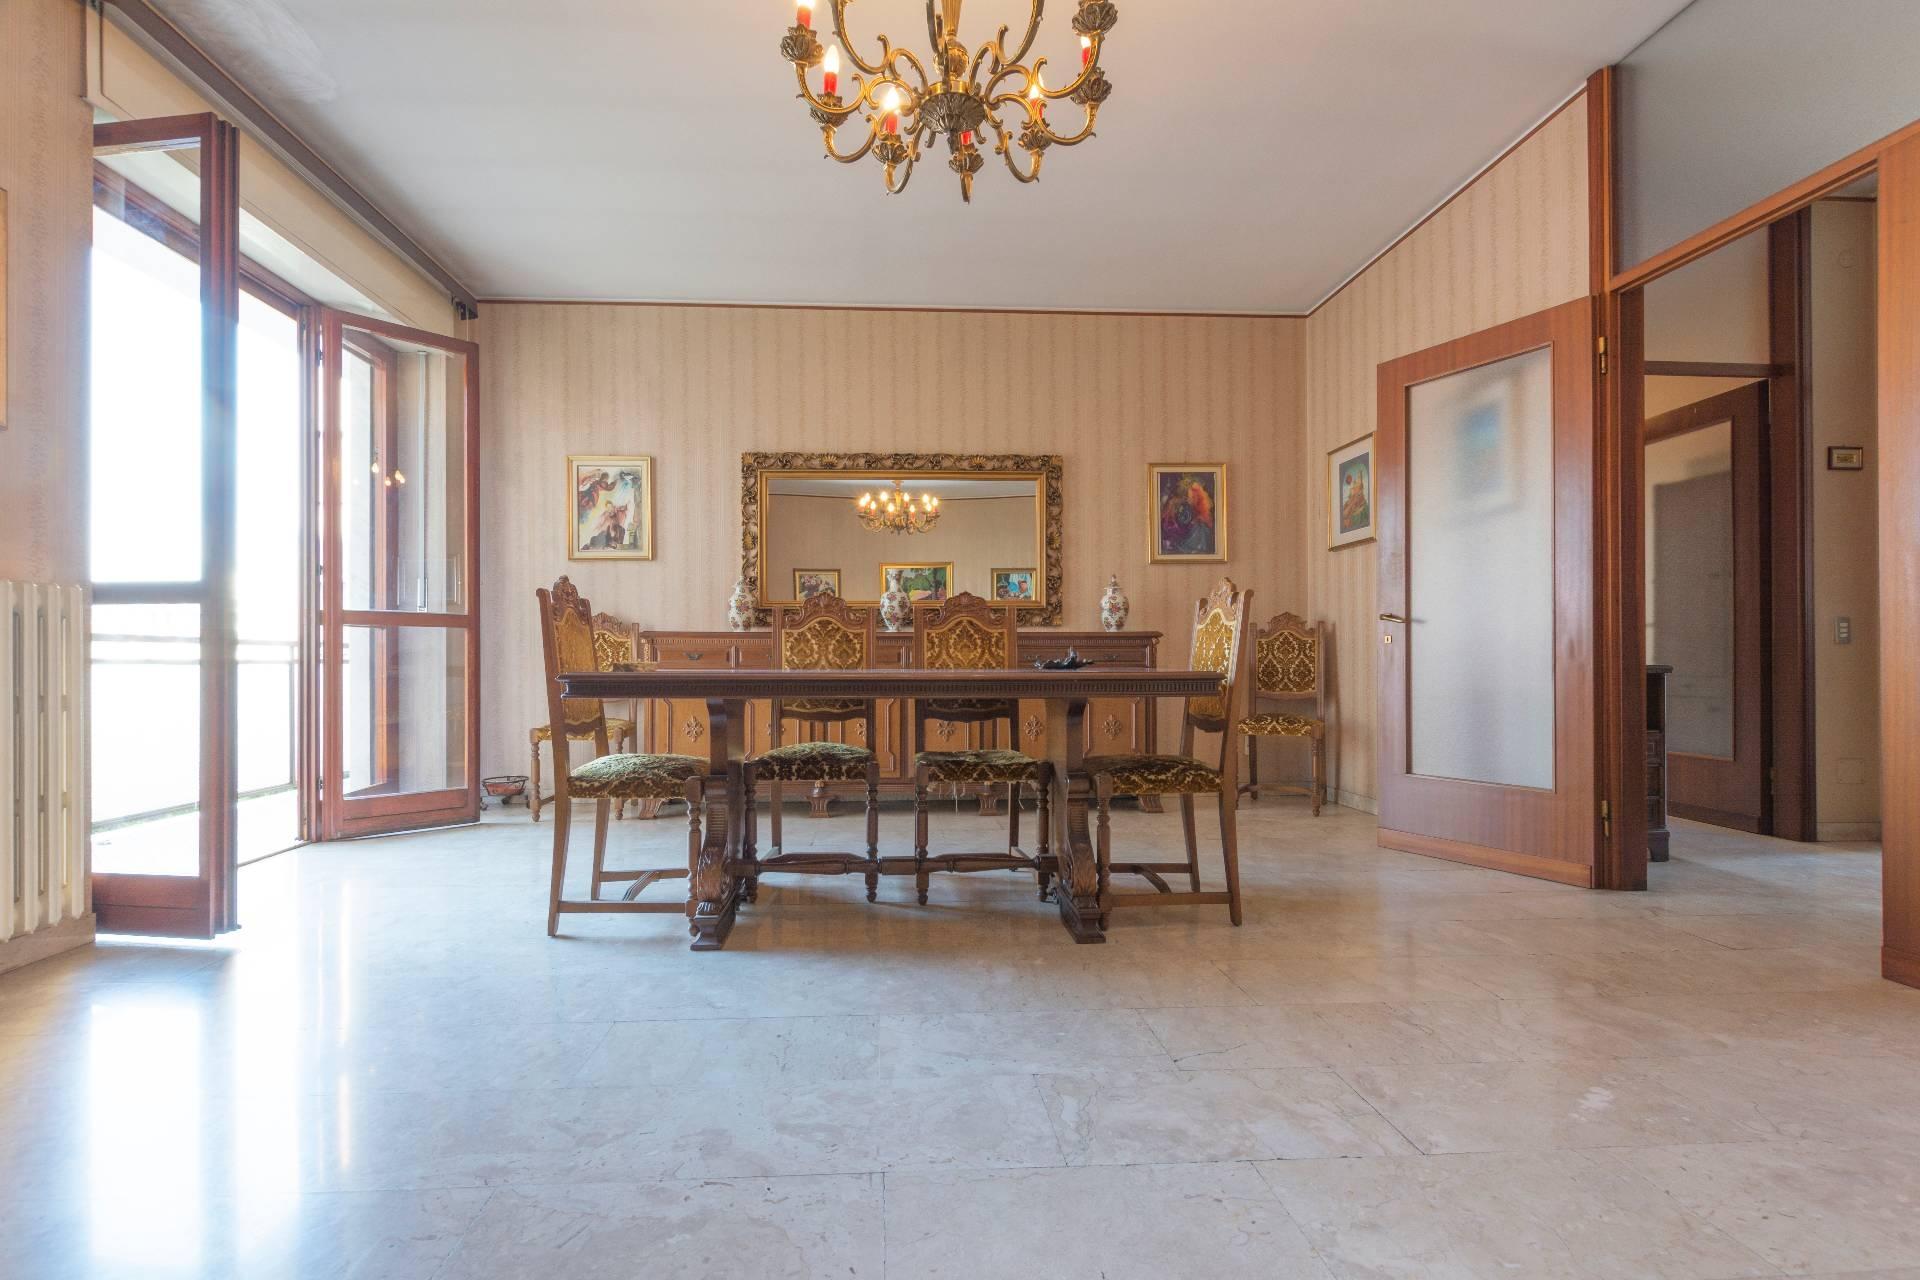 Appartamento in vendita a Milano, 3 locali, zona Zona: 17 . Quarto Oggiaro, Villapizzone, Certosa, Vialba, prezzo € 350.000 | CambioCasa.it